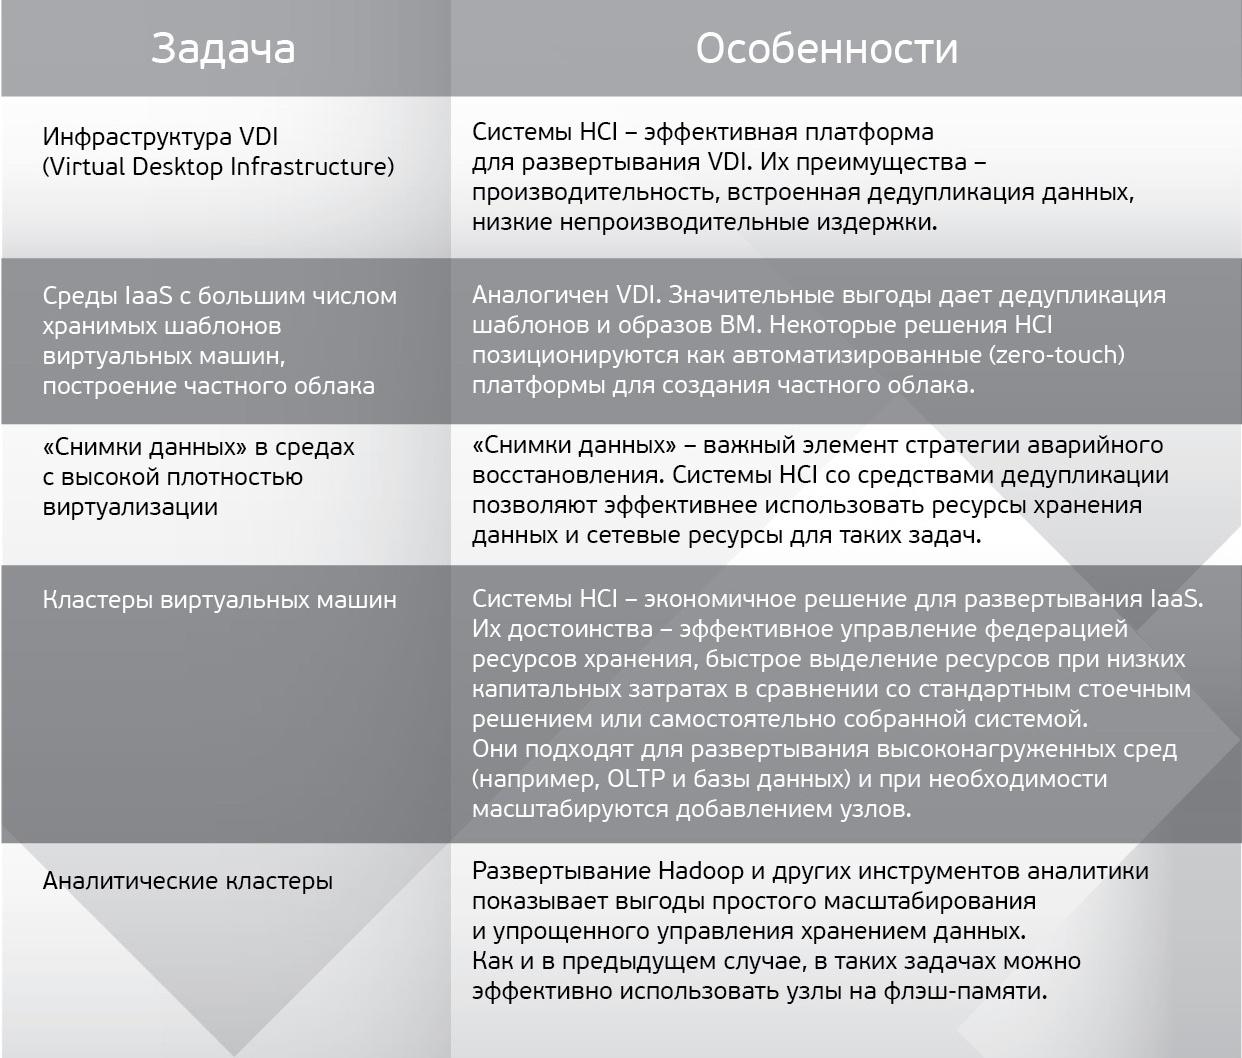 Гиперконвергентные платформы: от экзотики к мейнстриму - 4